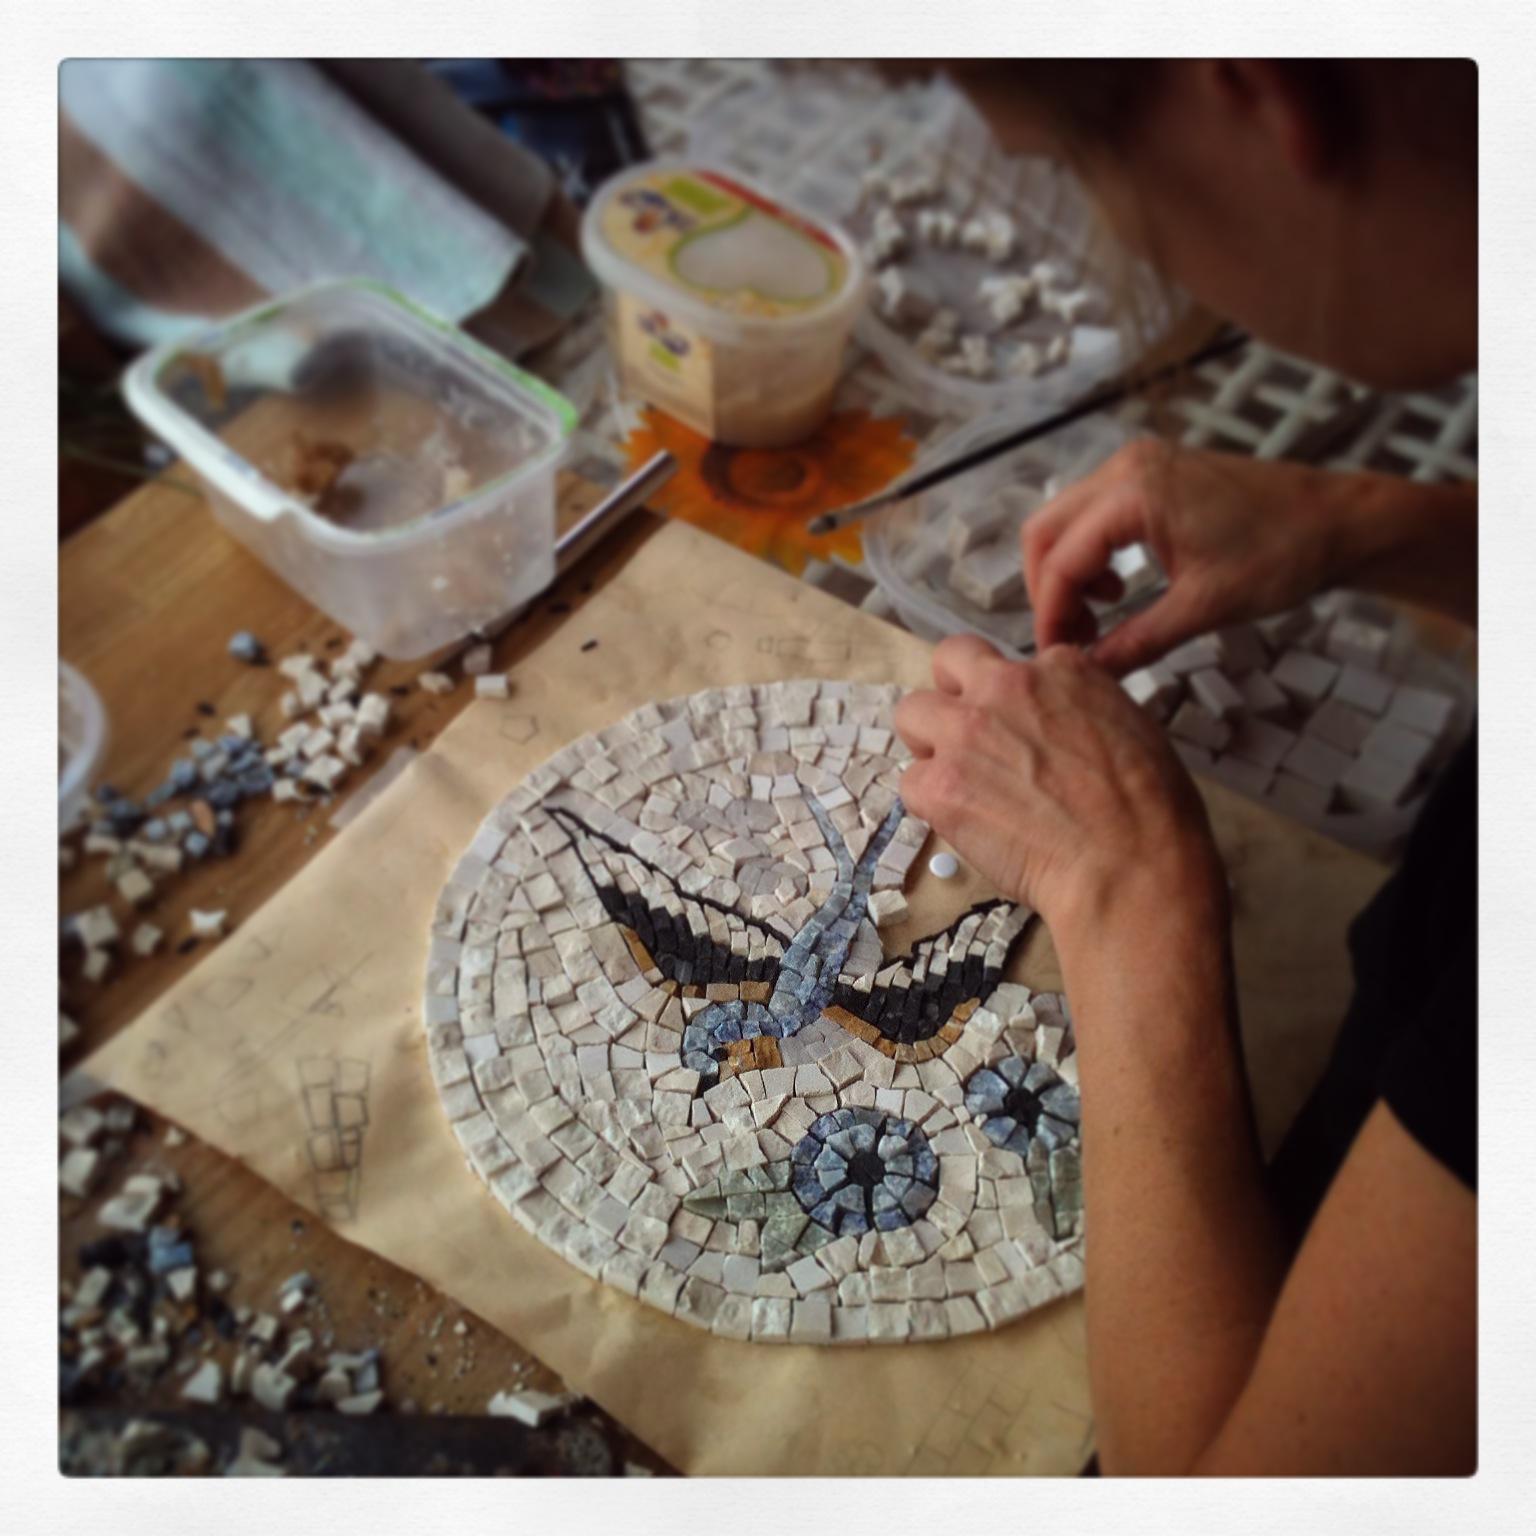 Schemi Elettrici Base Per Principianti : Corso per principianti di mosaico ecco cosa potete fare